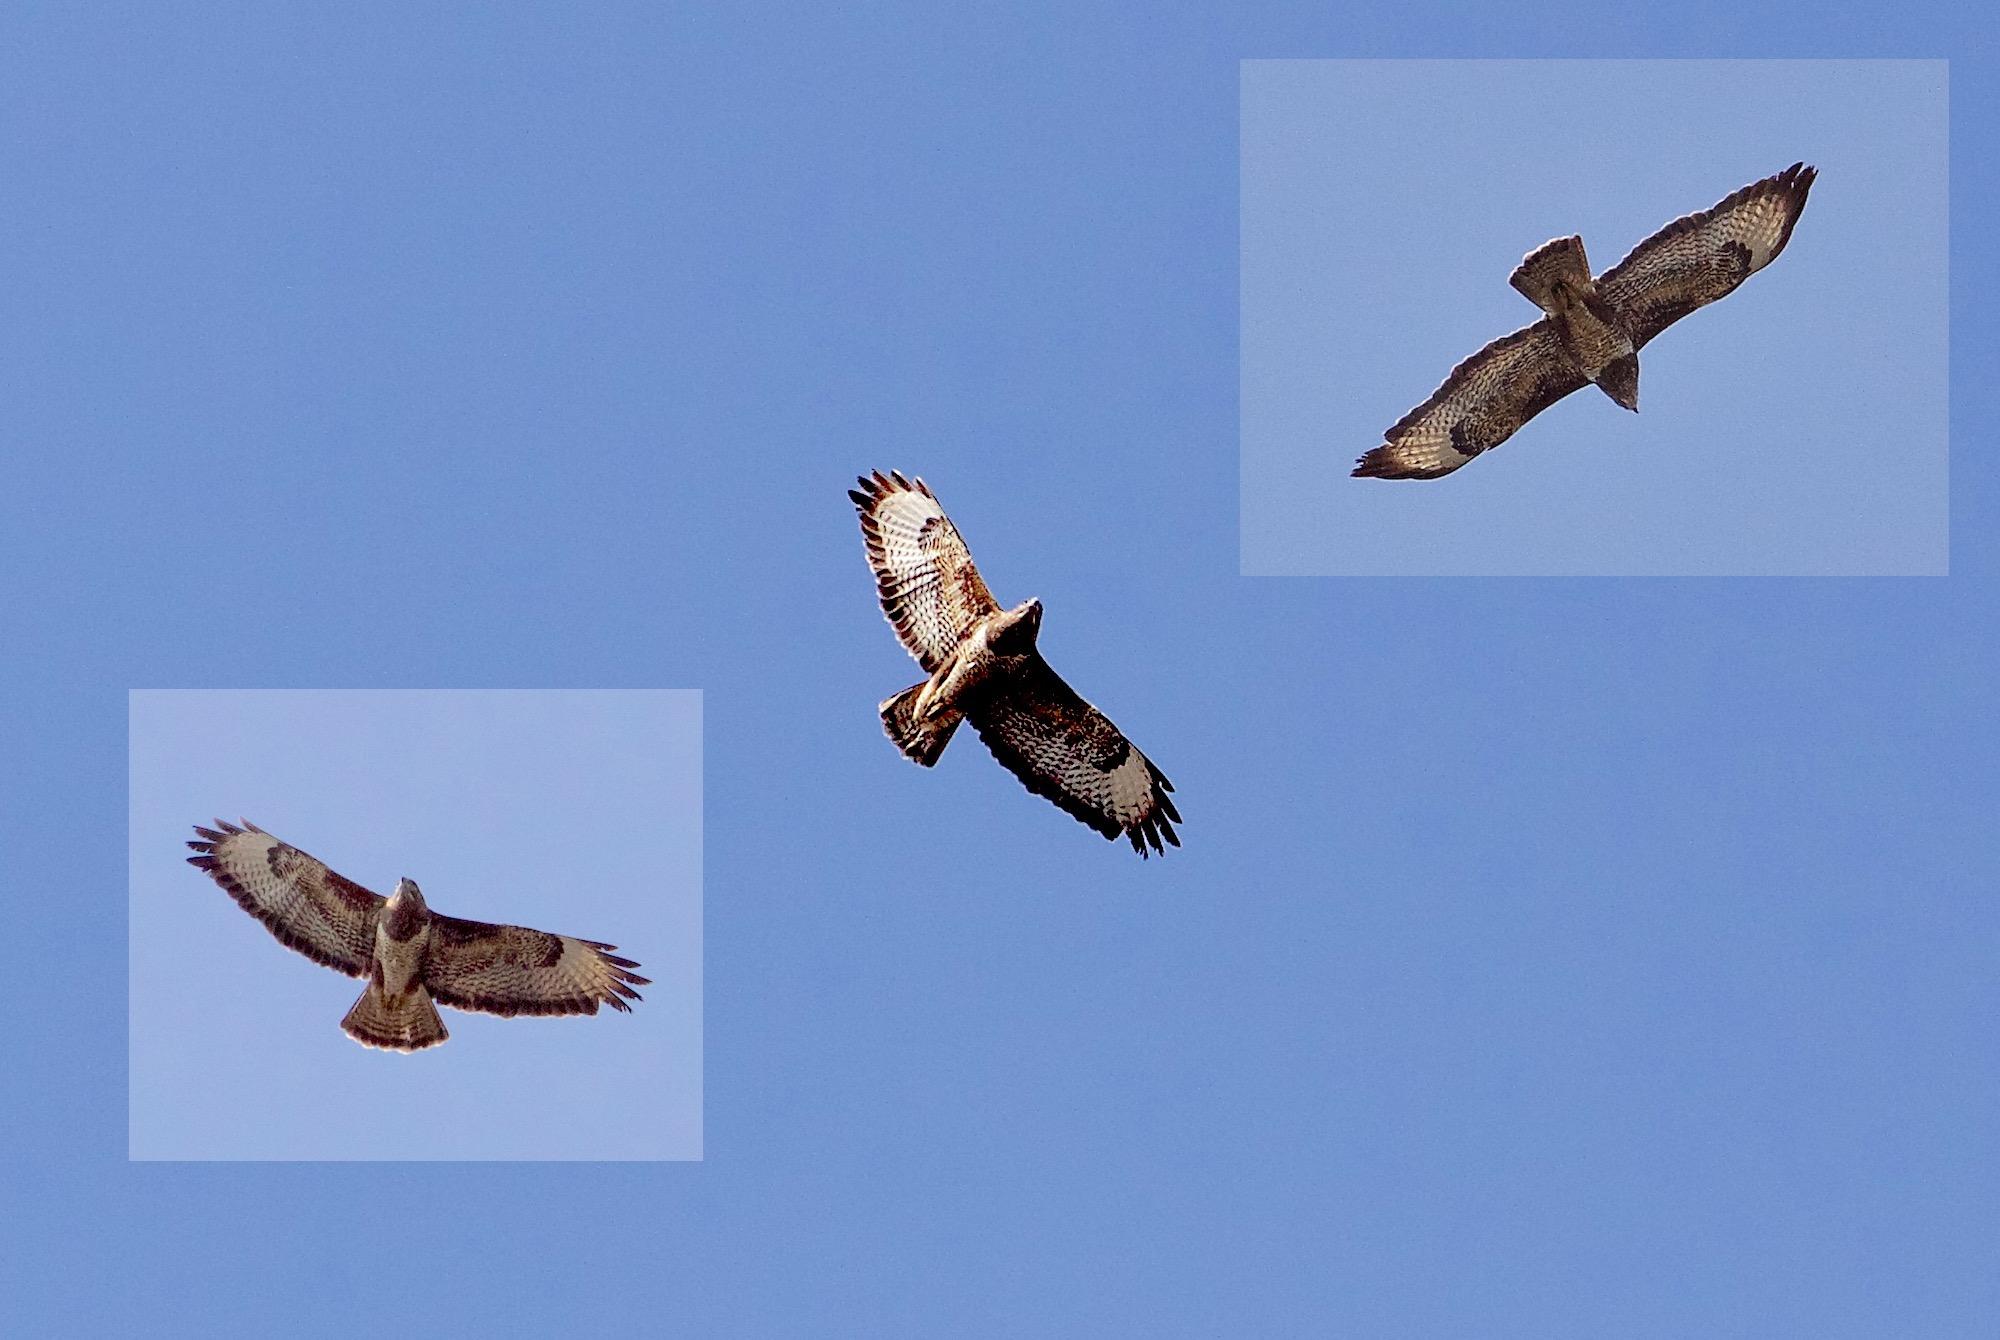 passantbird2 - 1